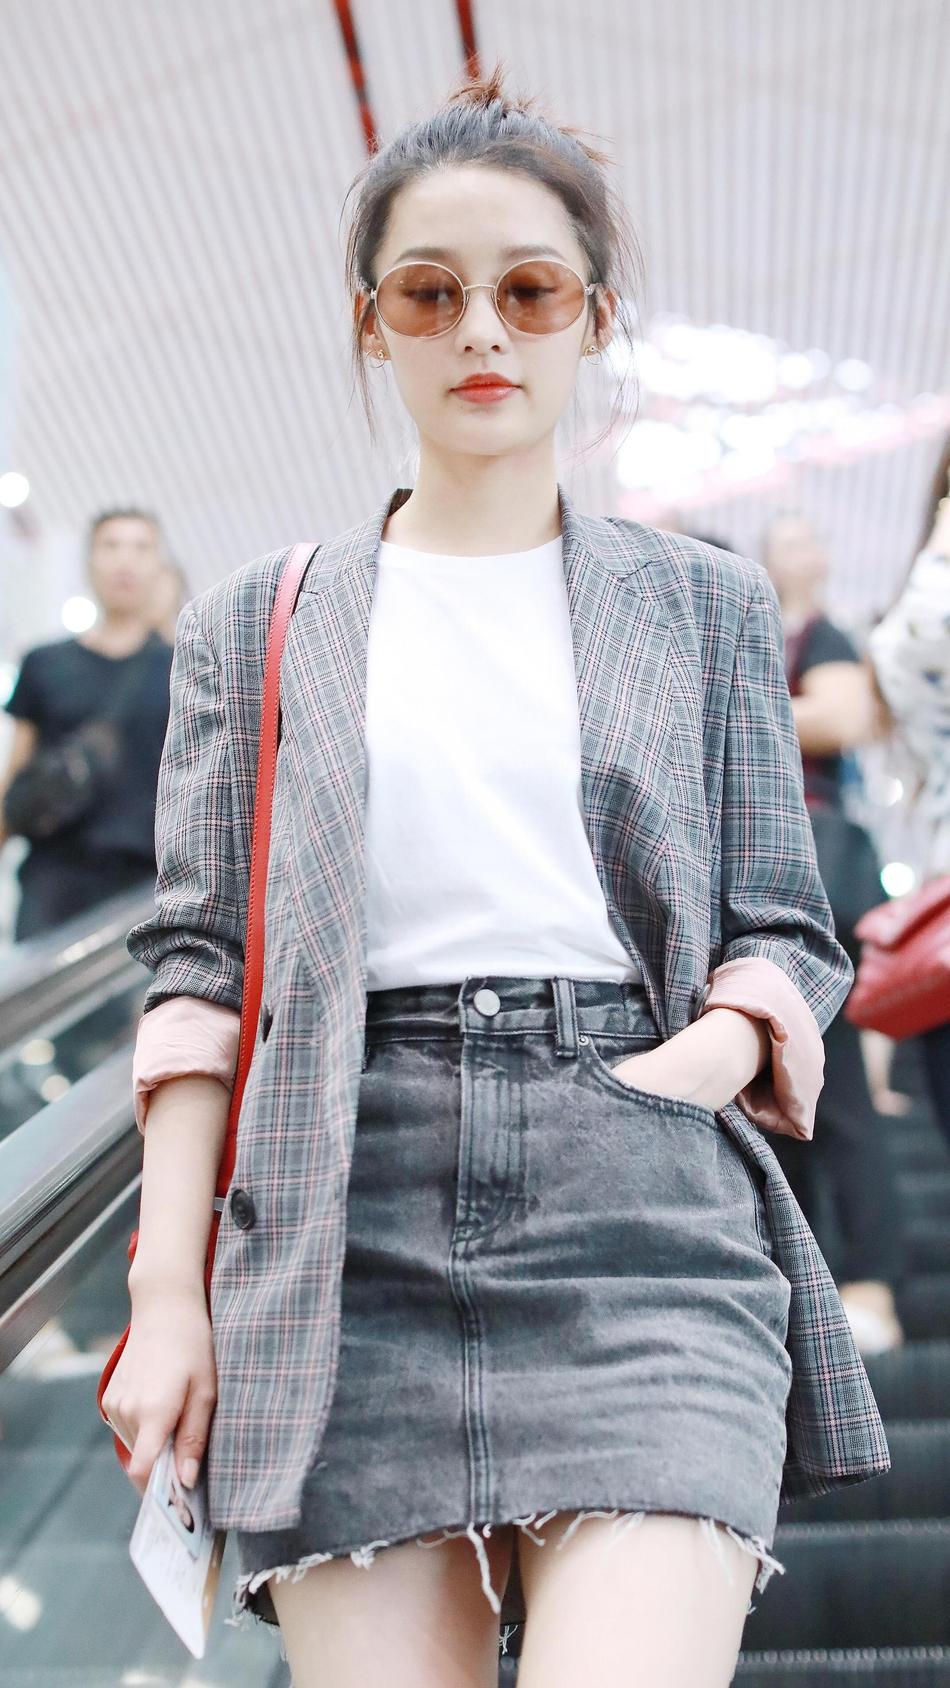 李沁穿牛仔短裙秀长腿 格纹西装经典有型